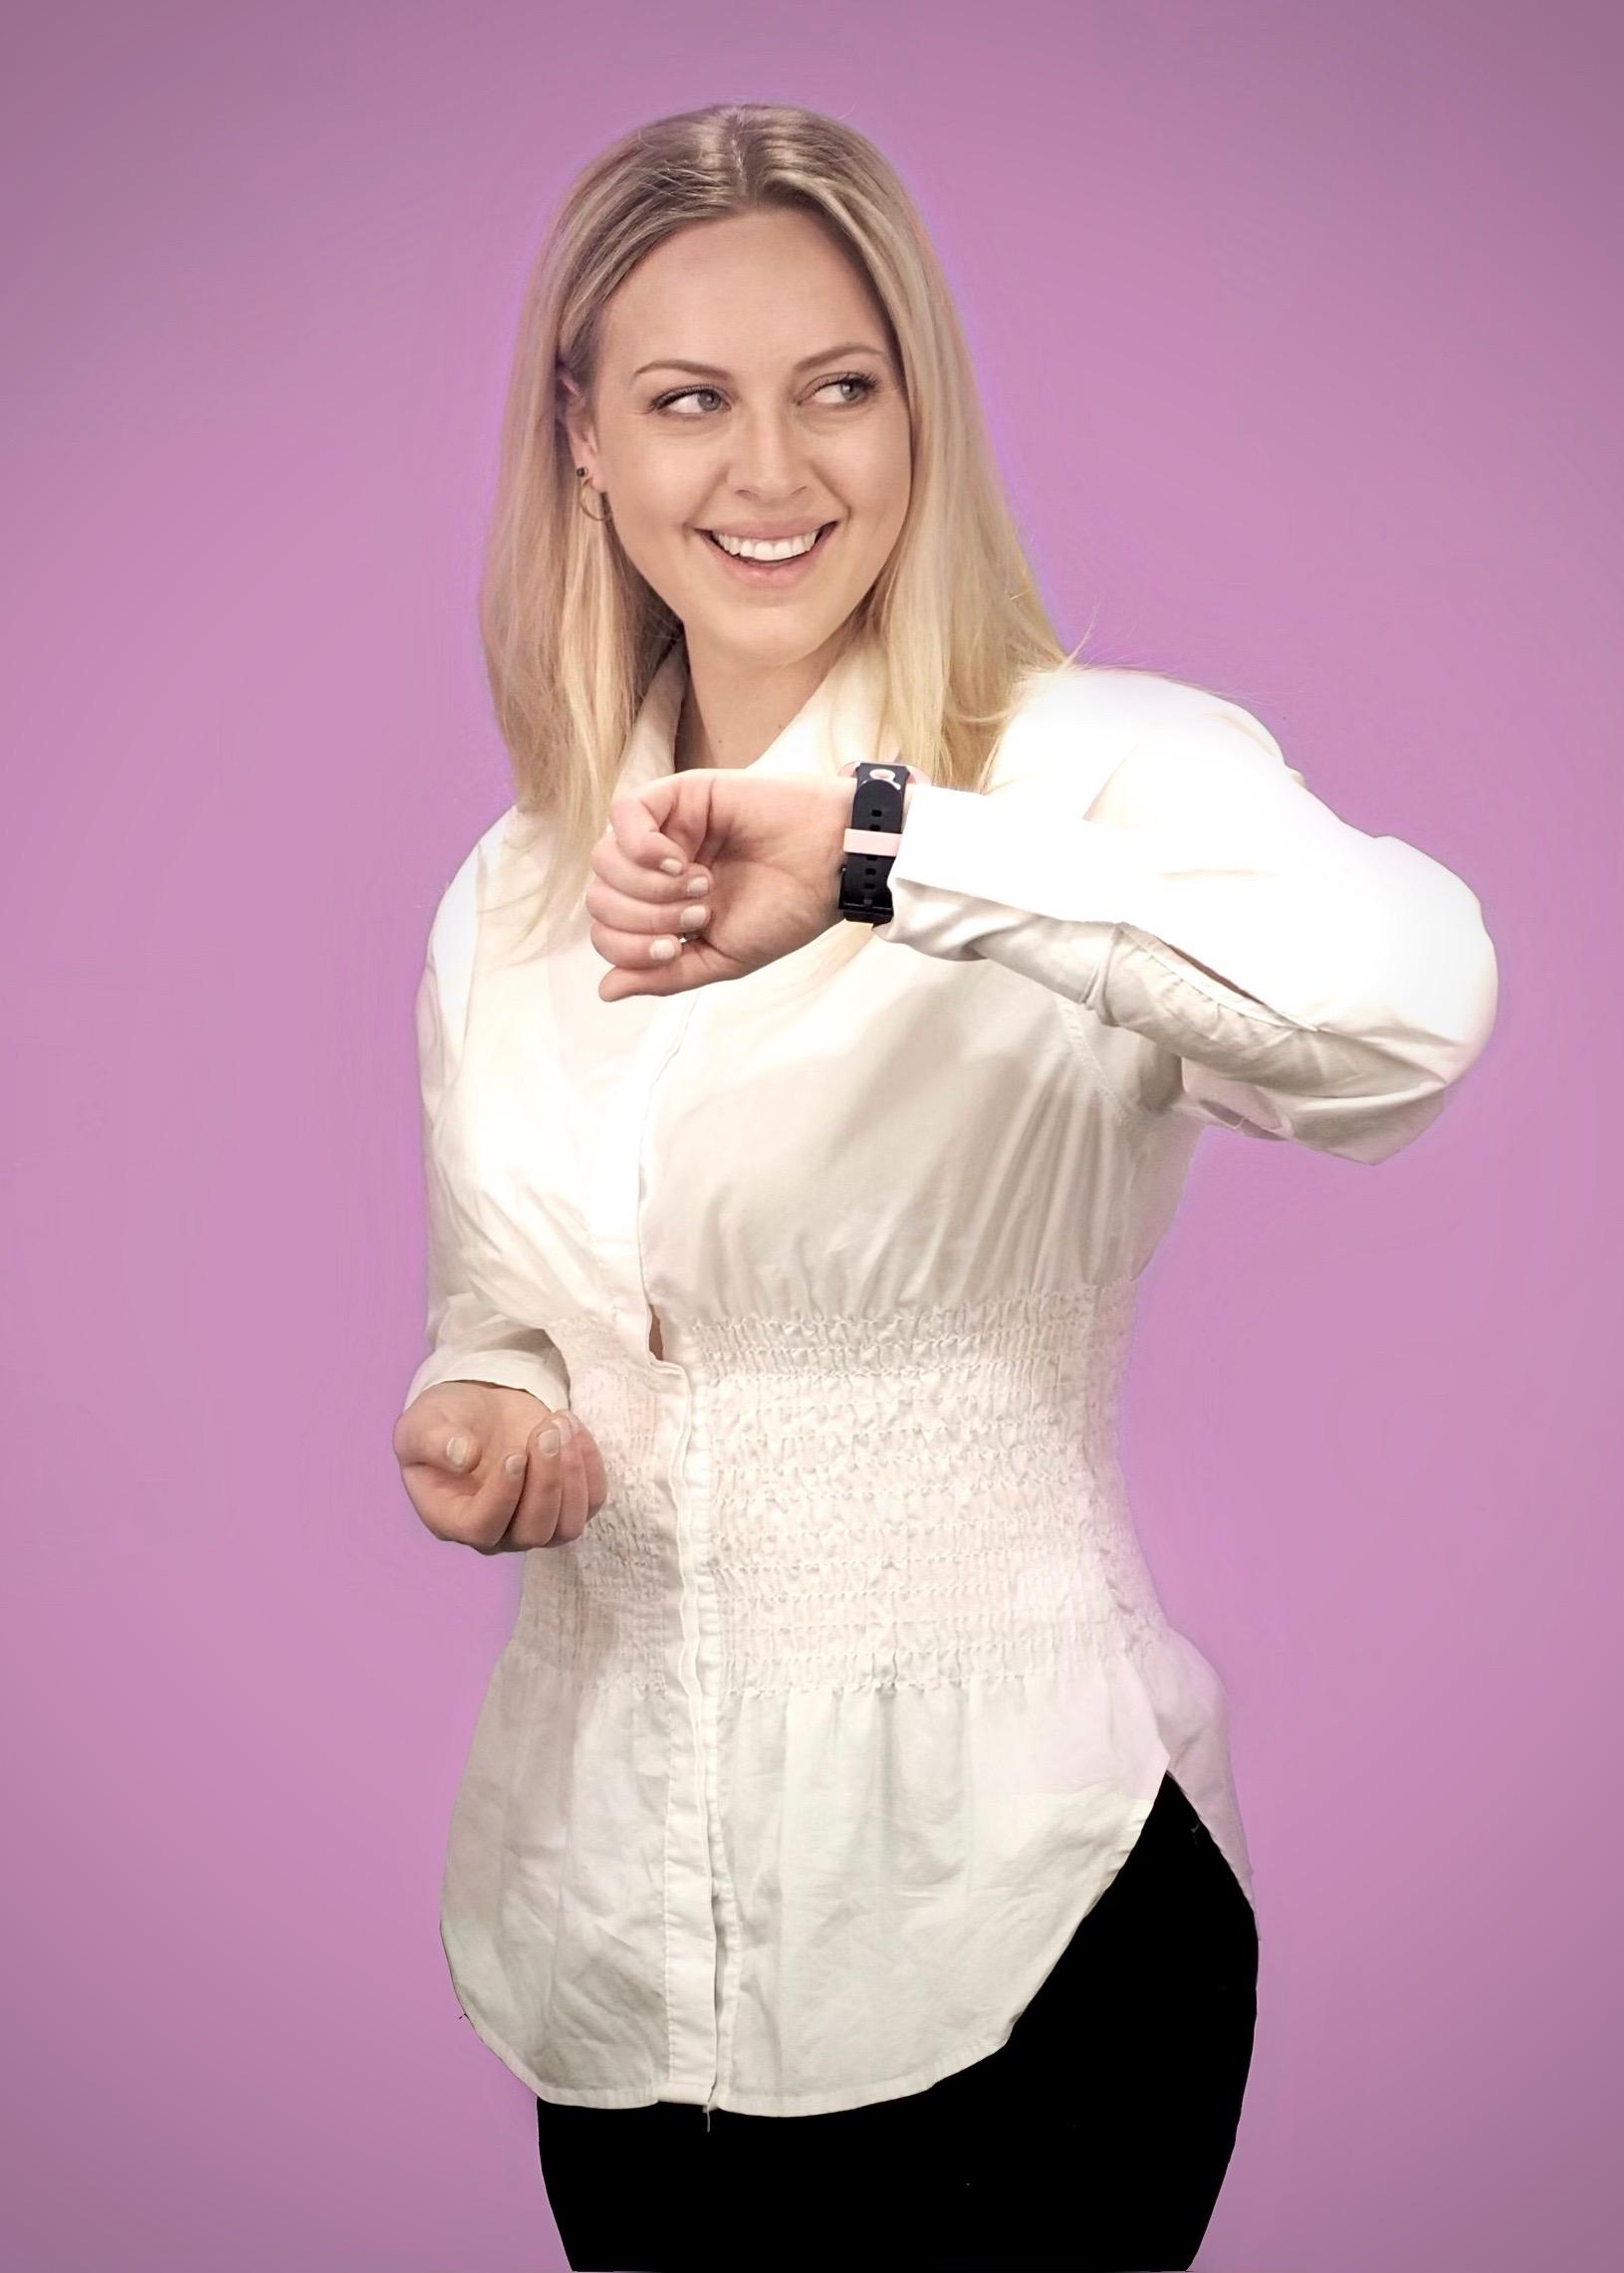 Amalie Lønning Xplora